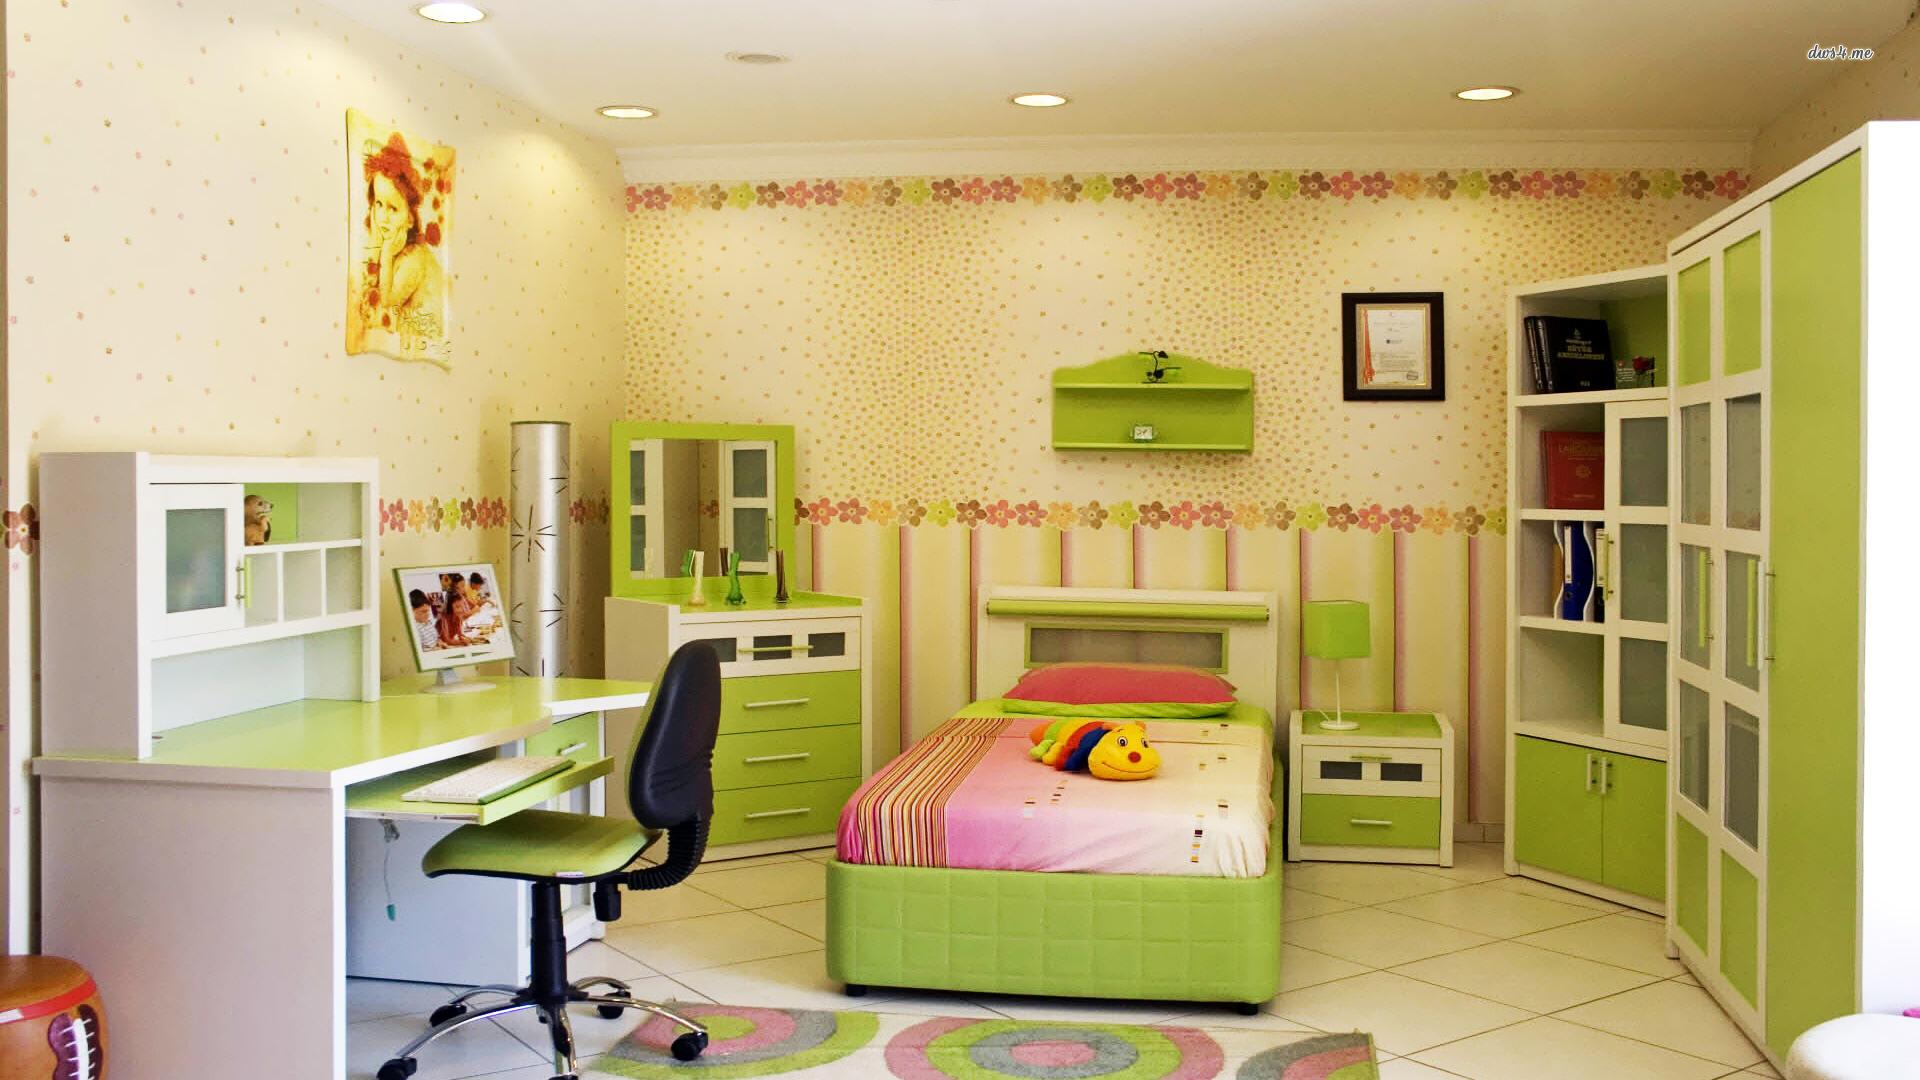 Wallpaper Kids Room